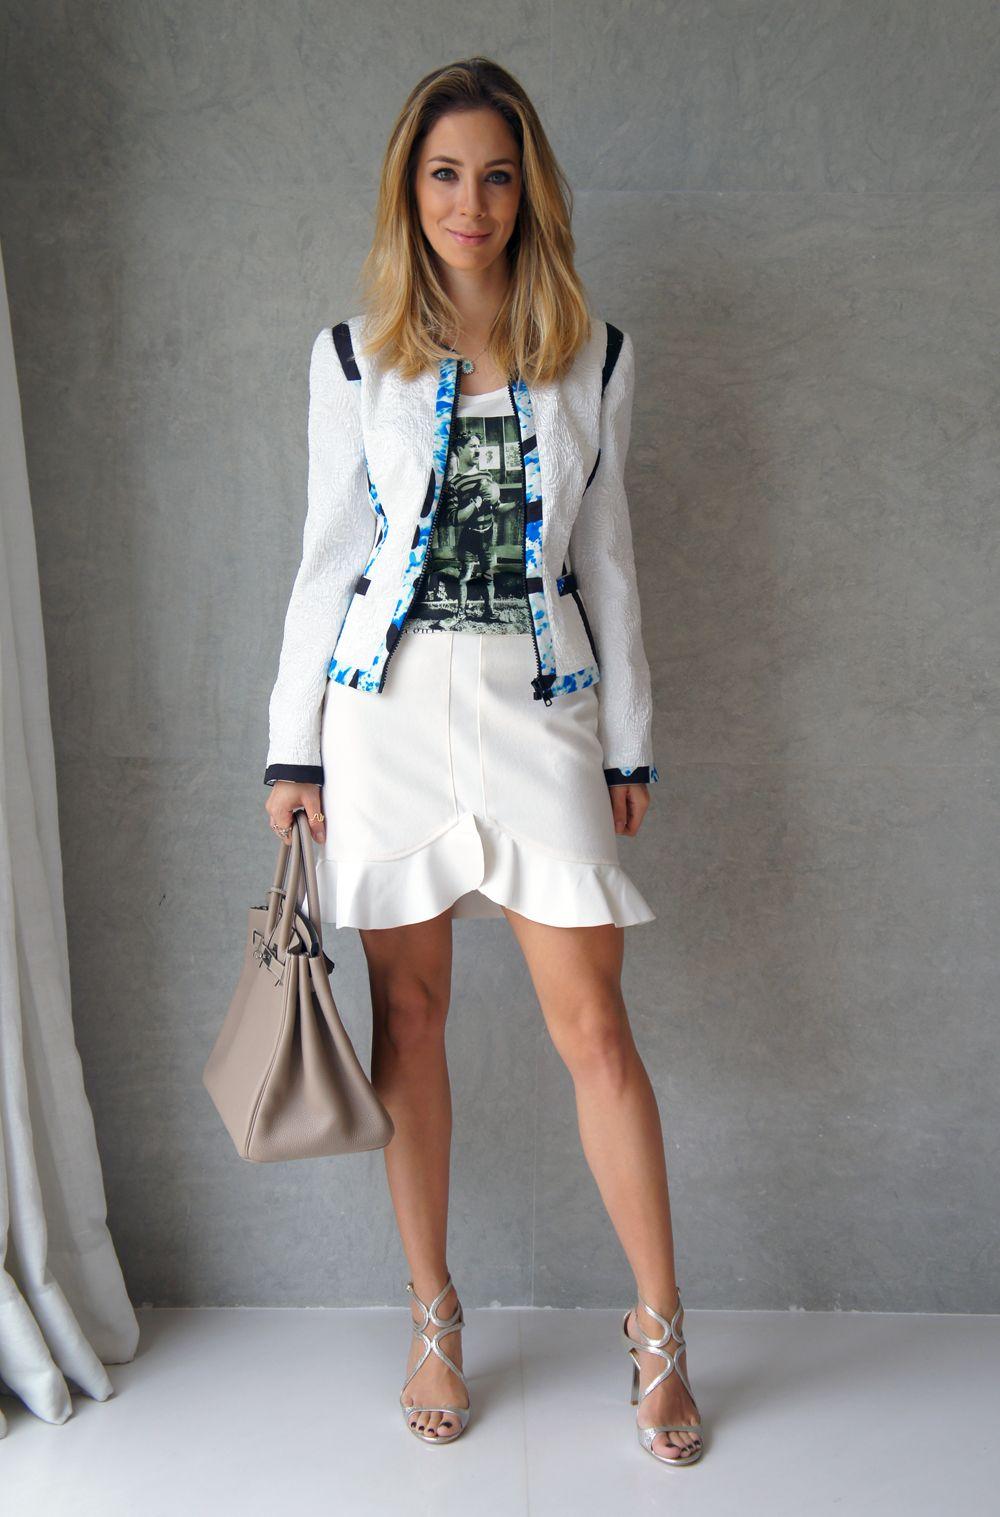 """O look de hoje é especial para quem me pediu uma produção de """"trabalho"""" mas com carinha cool. Você pode aproveitar alguma dessas idéias para dar um up no seu """"uniforme de trabalho"""". Que tal colocar uma camiseta divertida por baixo do seu blazer ou tailleur? Ou usar uma blazer diferente como esse? Ou uma …"""